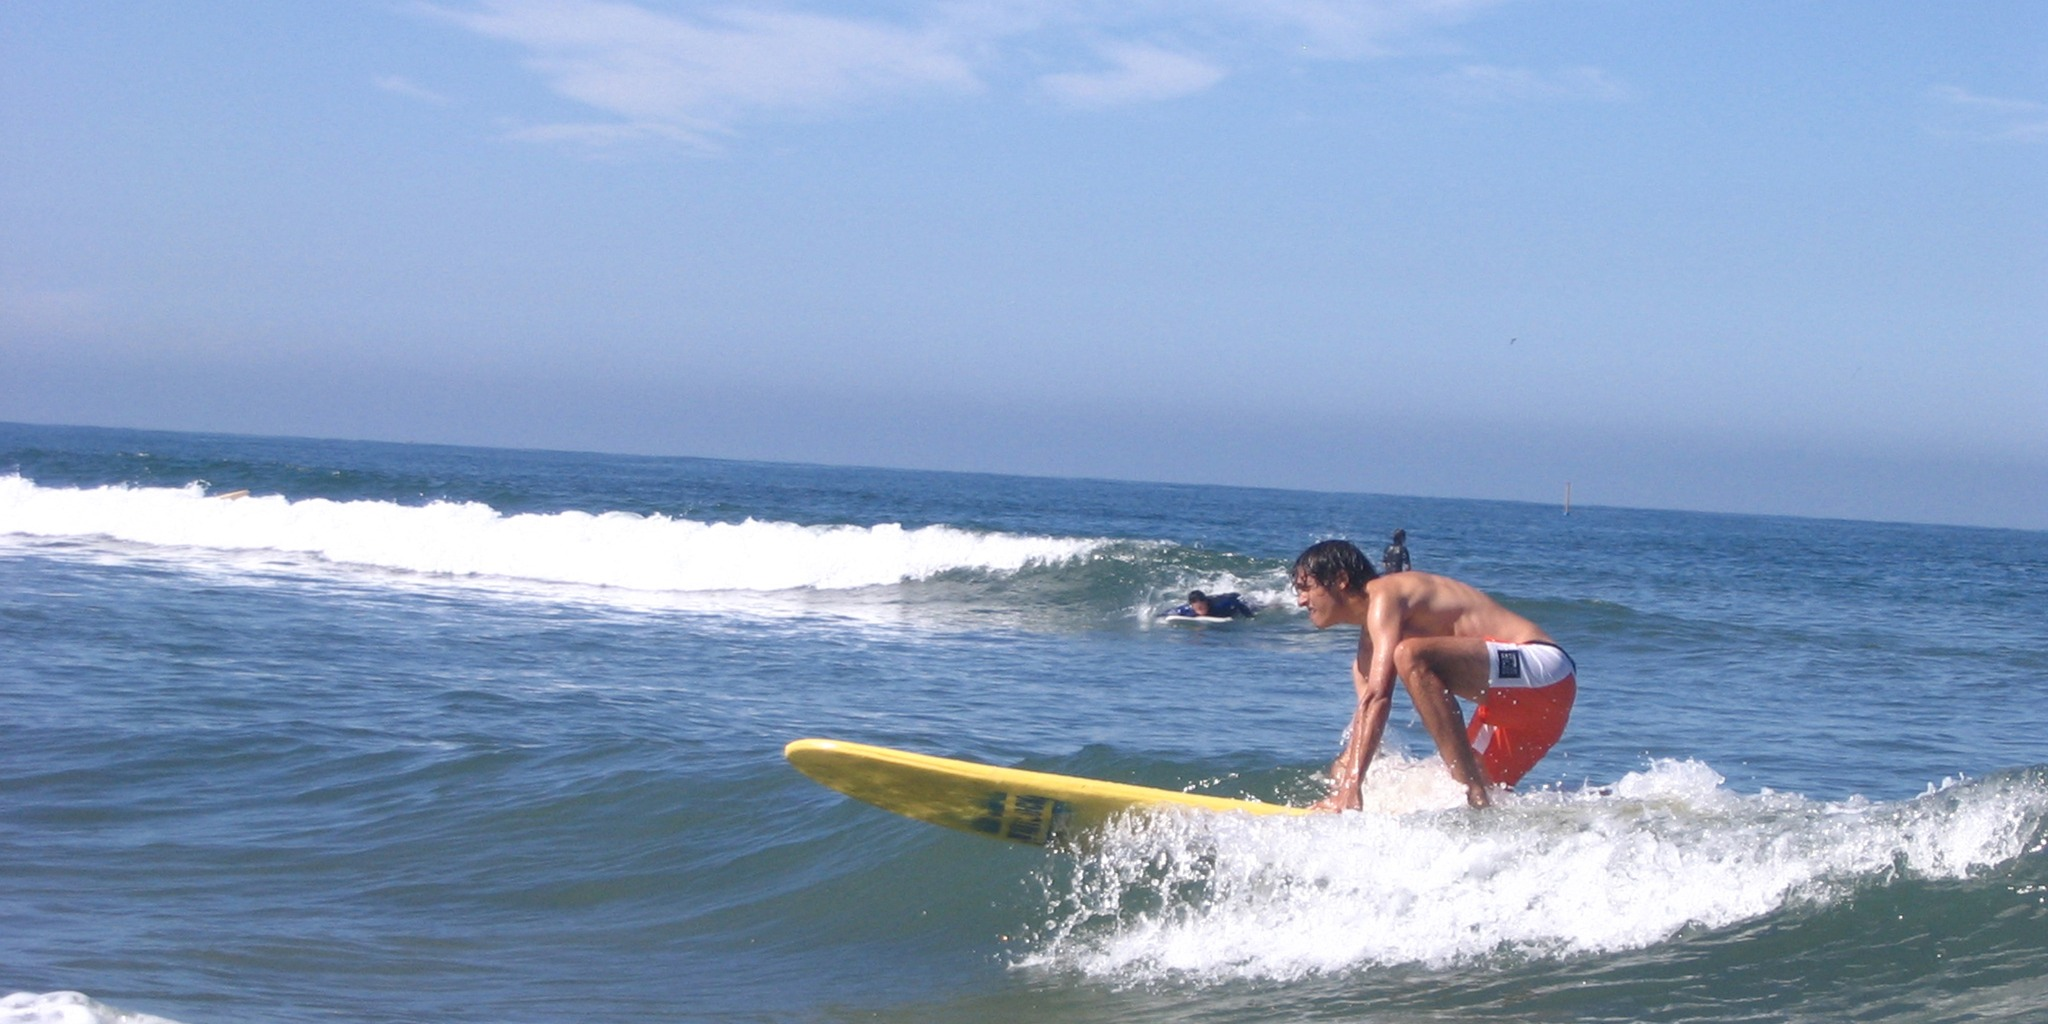 中高生むけ夏休み短期語学留学 アメリカ・カリフォルニア 英語コース+アクティビティ サーフィン 学生寮 カリフォルニアサーフキャンプ FLS International